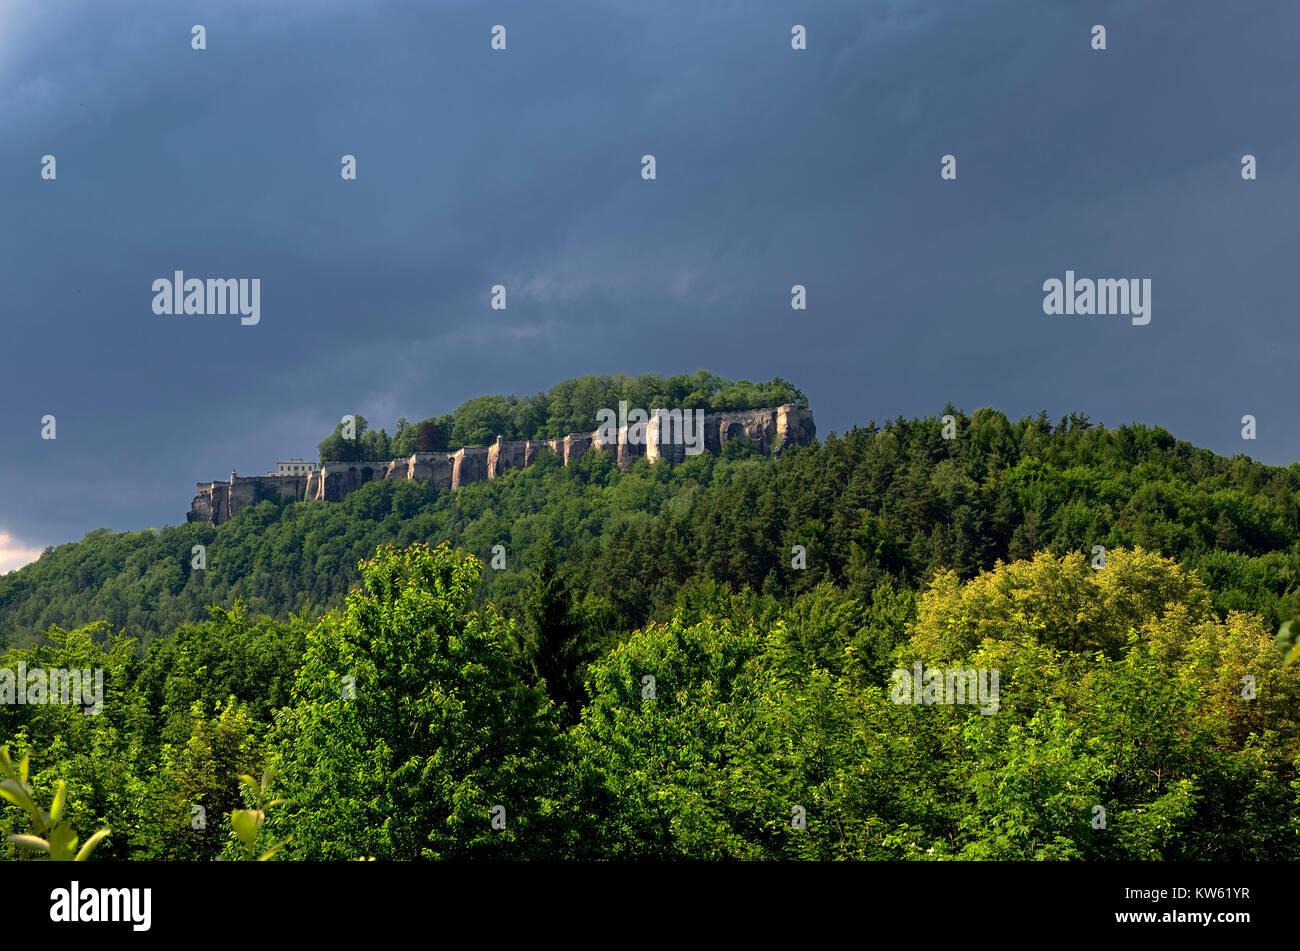 Elbsandsteingebirge Stock Photo